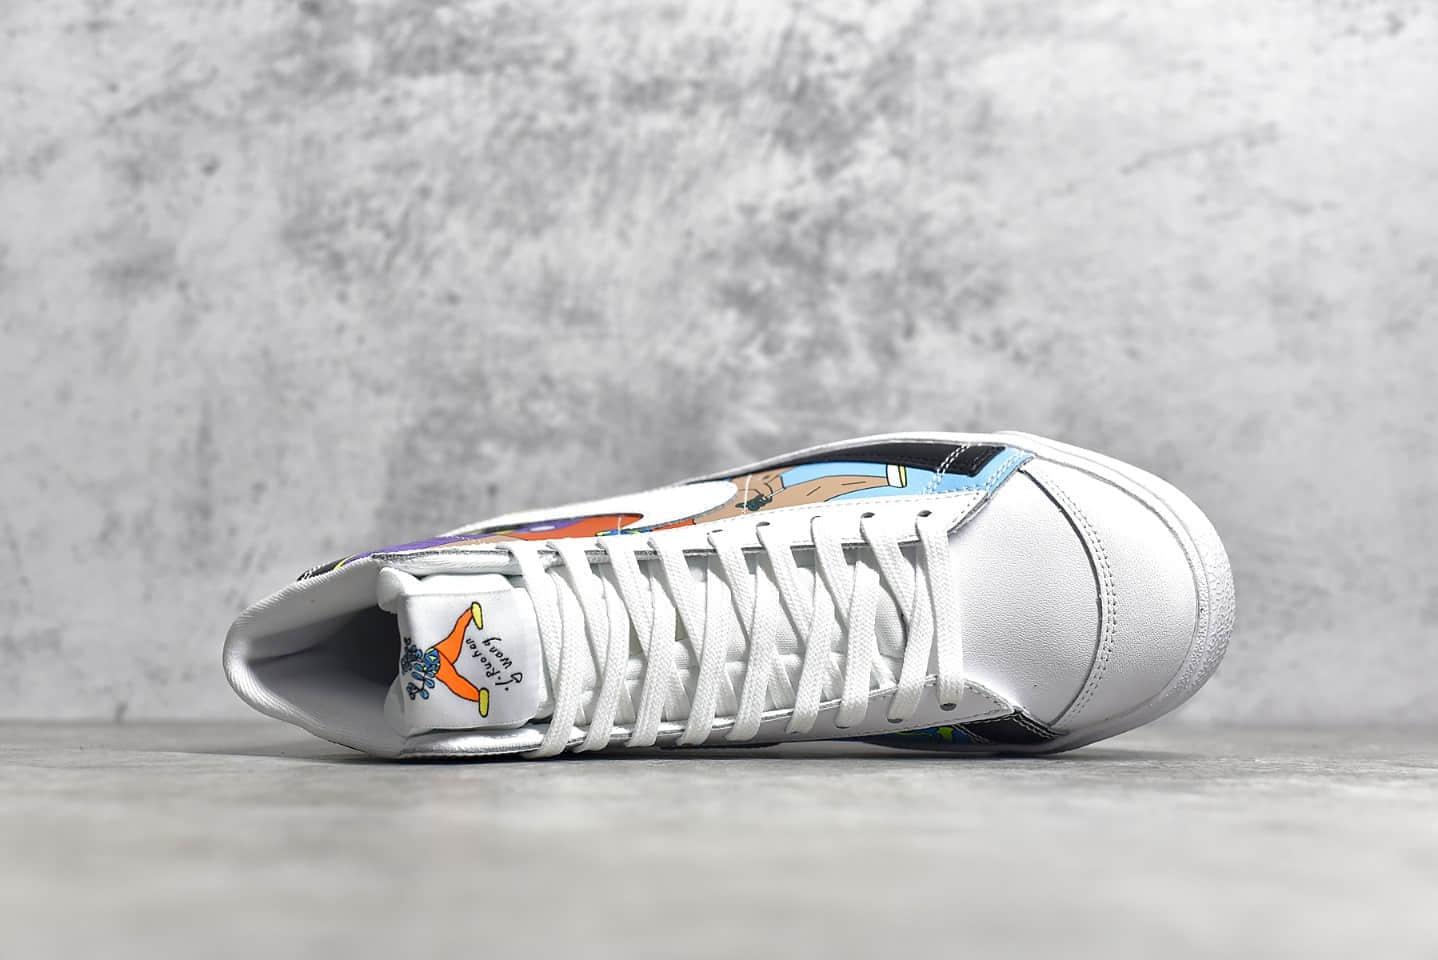 耐克开拓者王若涵联名高帮 Ruohan Wang x Nike Blazer Mid 77 Flyleather QS 耐克开拓者涂鸦 货号:CZ3775-900-潮流者之家